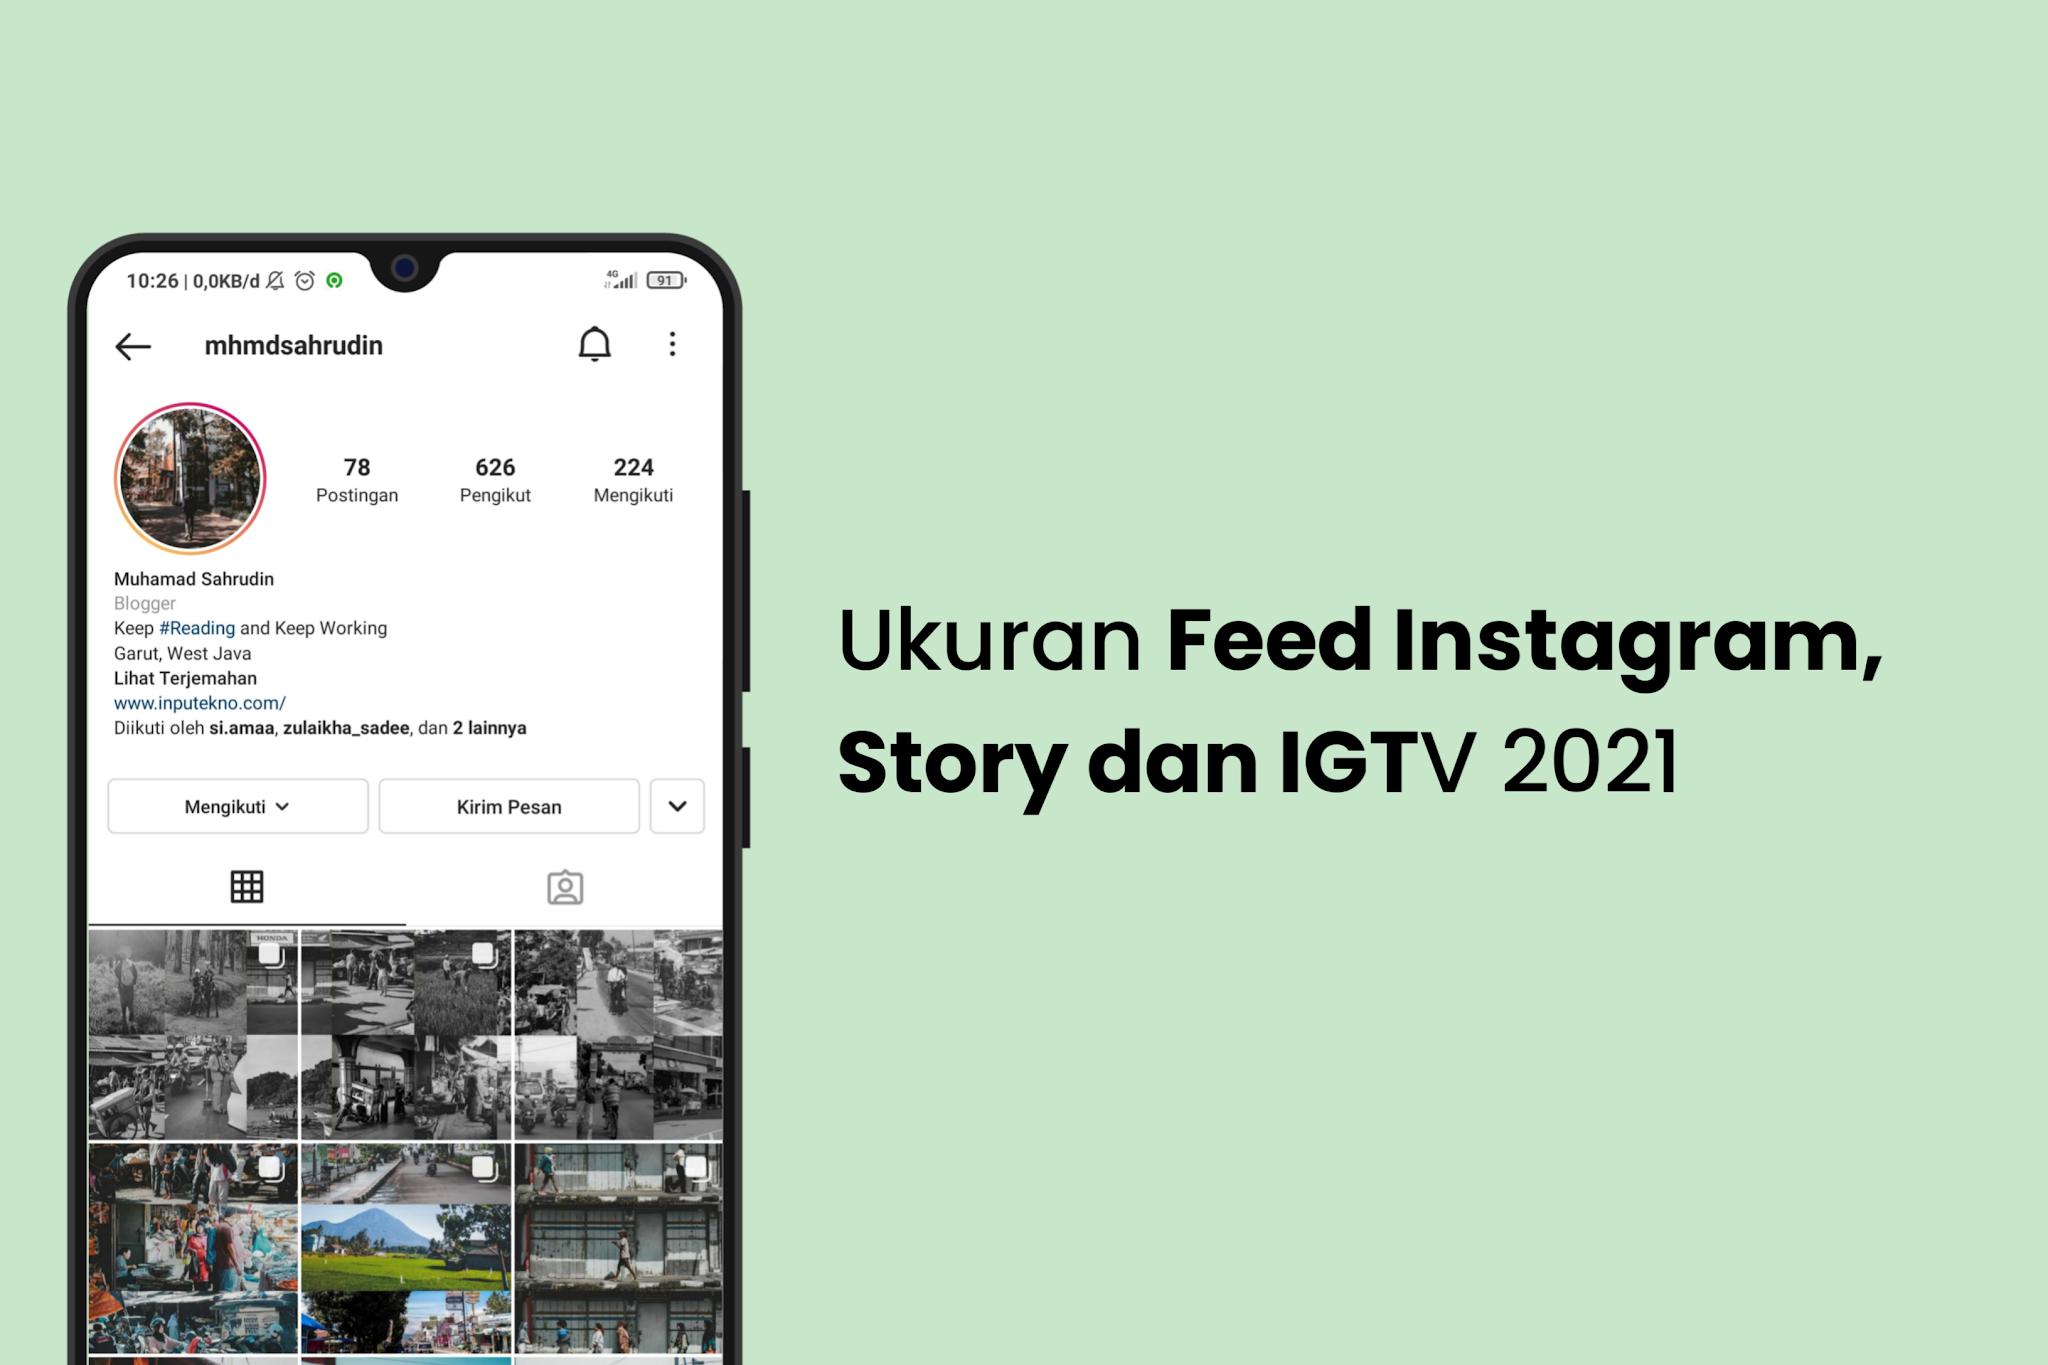 Ukuran Feed Instagram, Story dan IGTV  2021